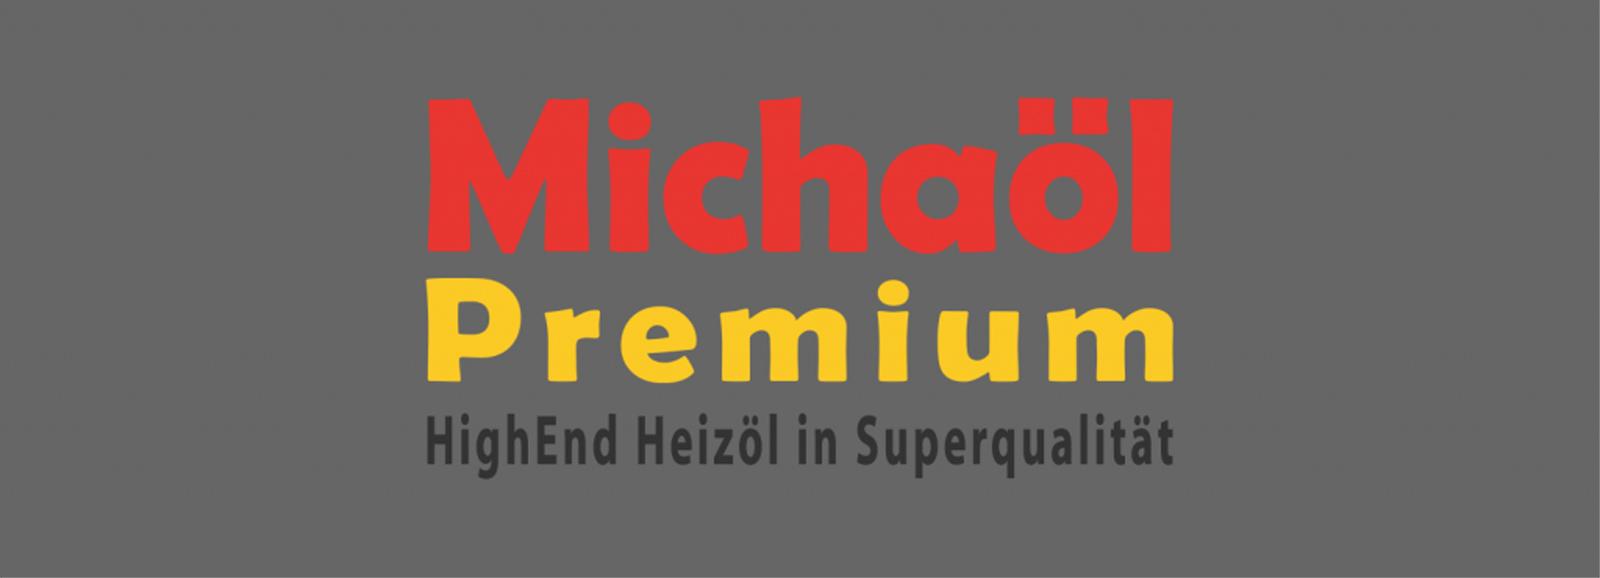 Michaöl Premium Kornwestheim HighEnd Heizöl in Superqualität